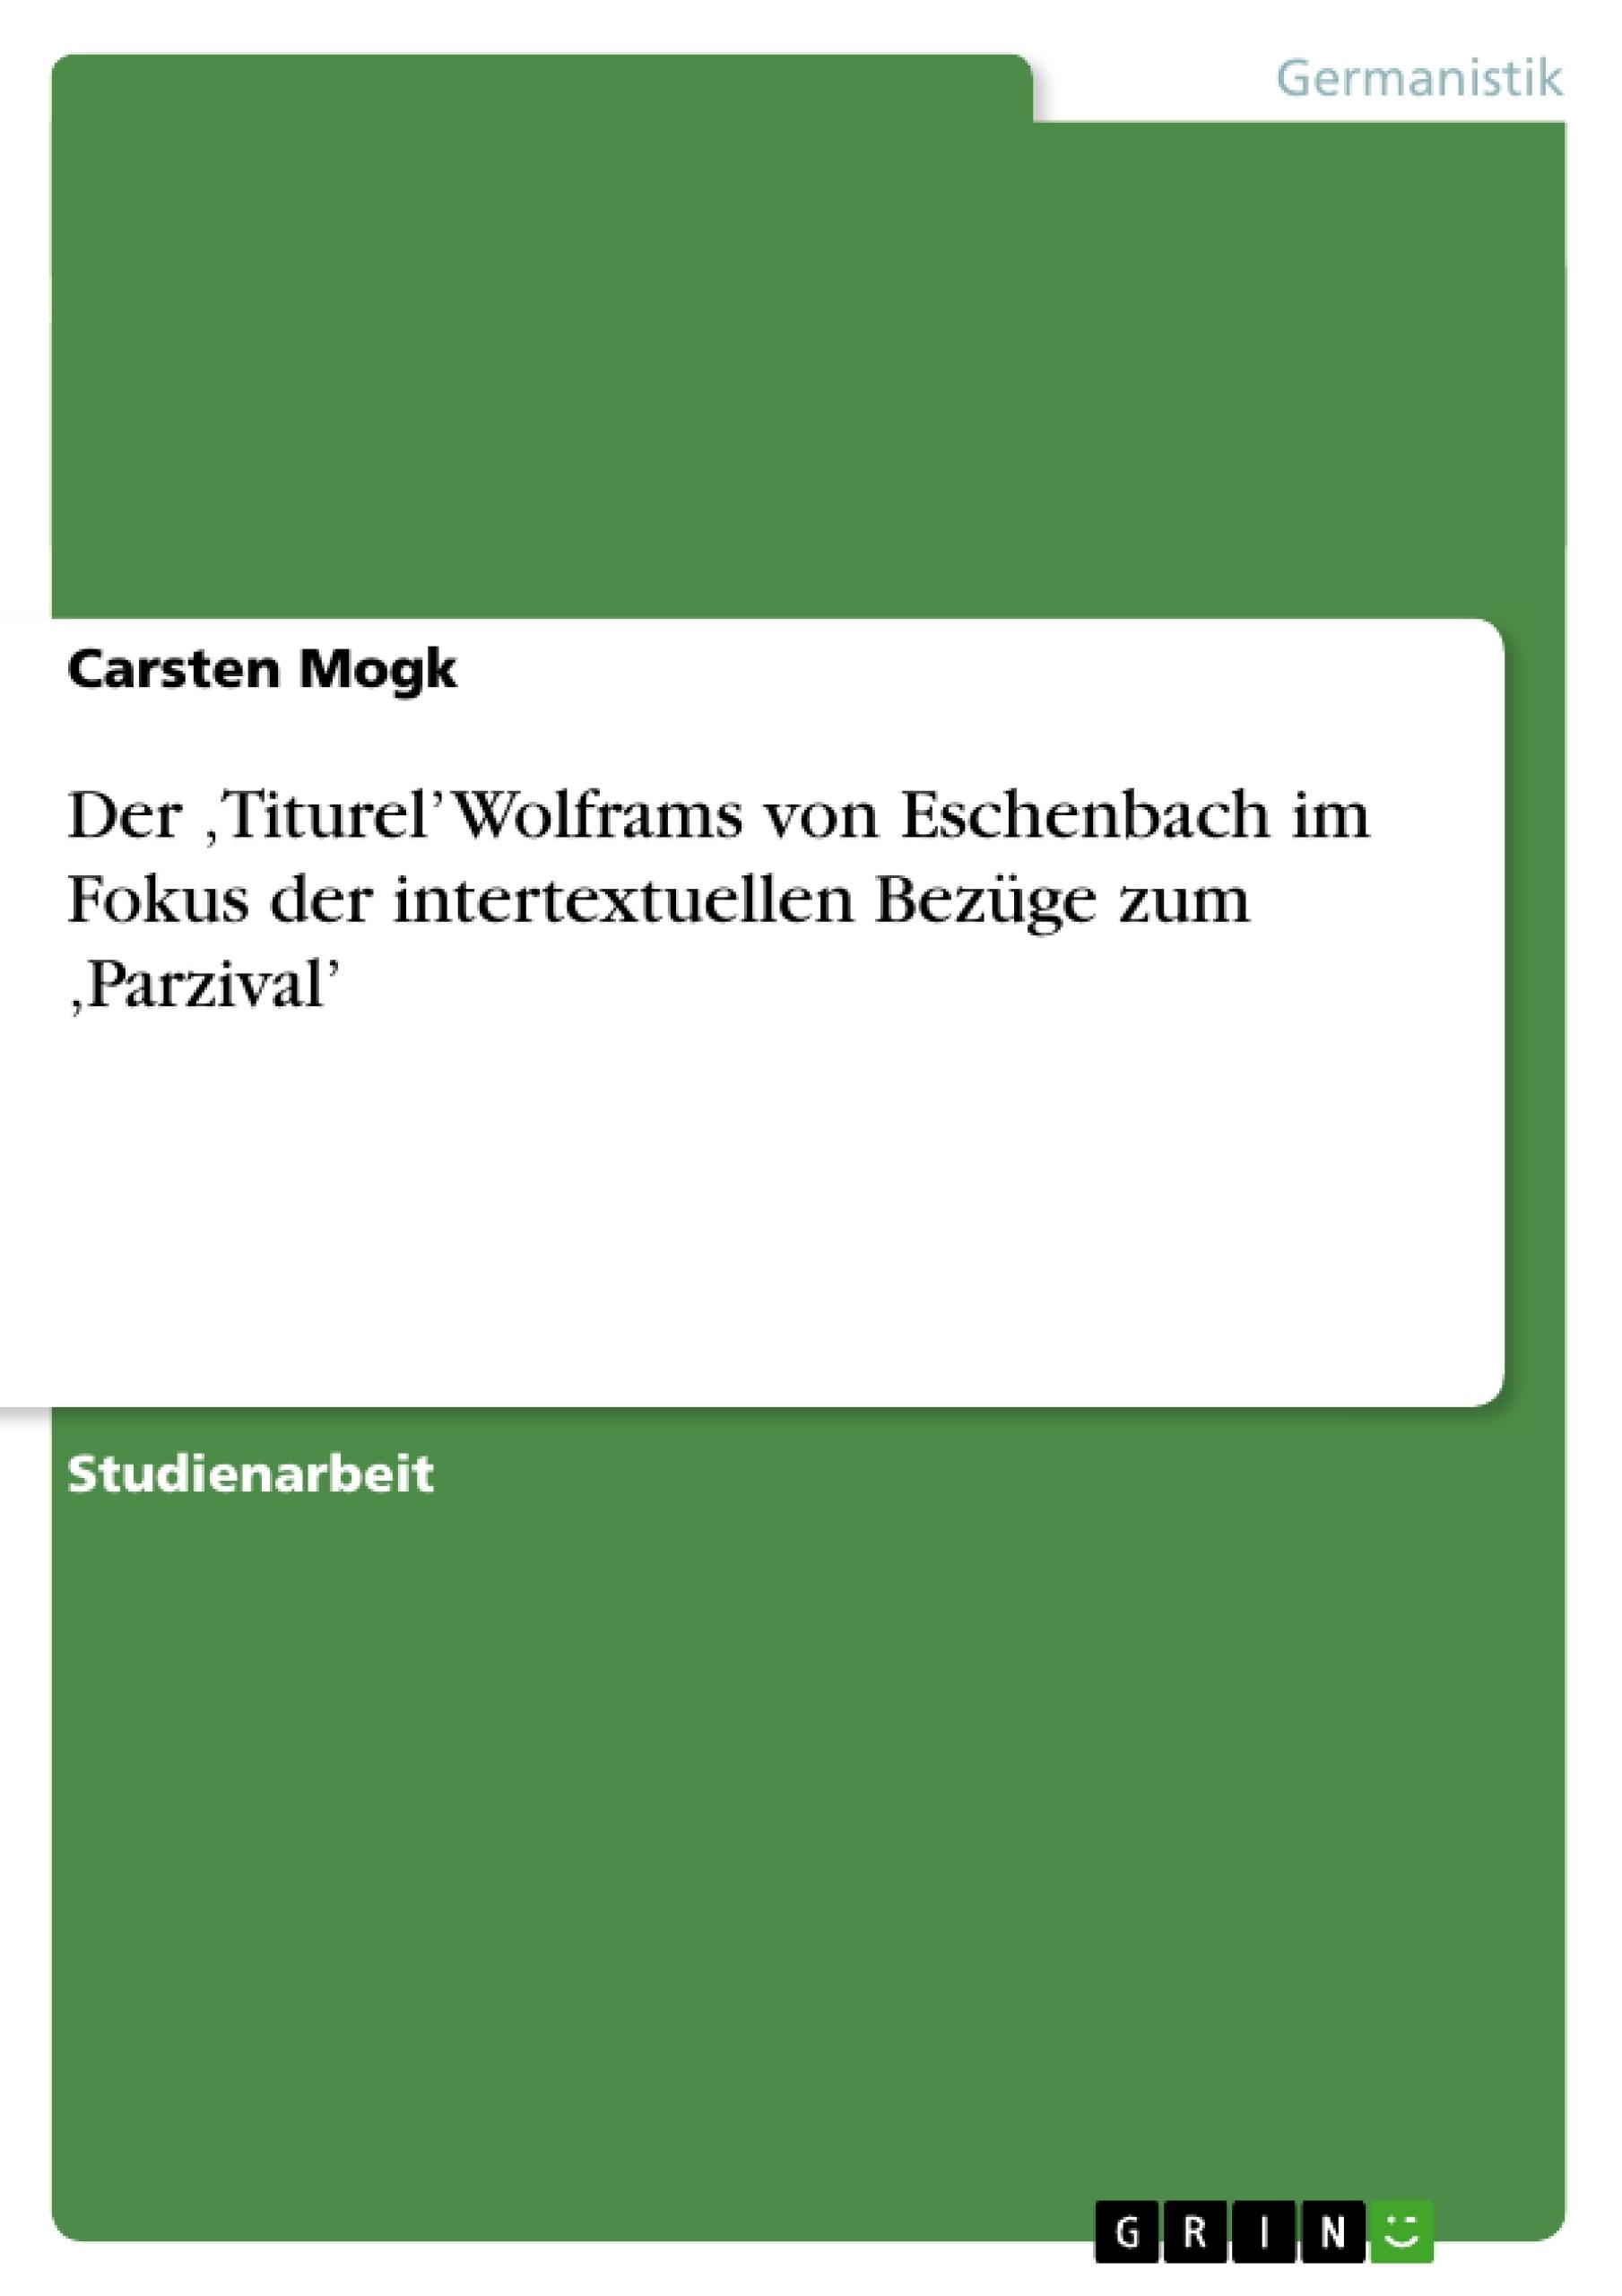 Titel: Der 'Titurel' Wolframs von Eschenbach im Fokus der intertextuellen Bezüge zum 'Parzival'